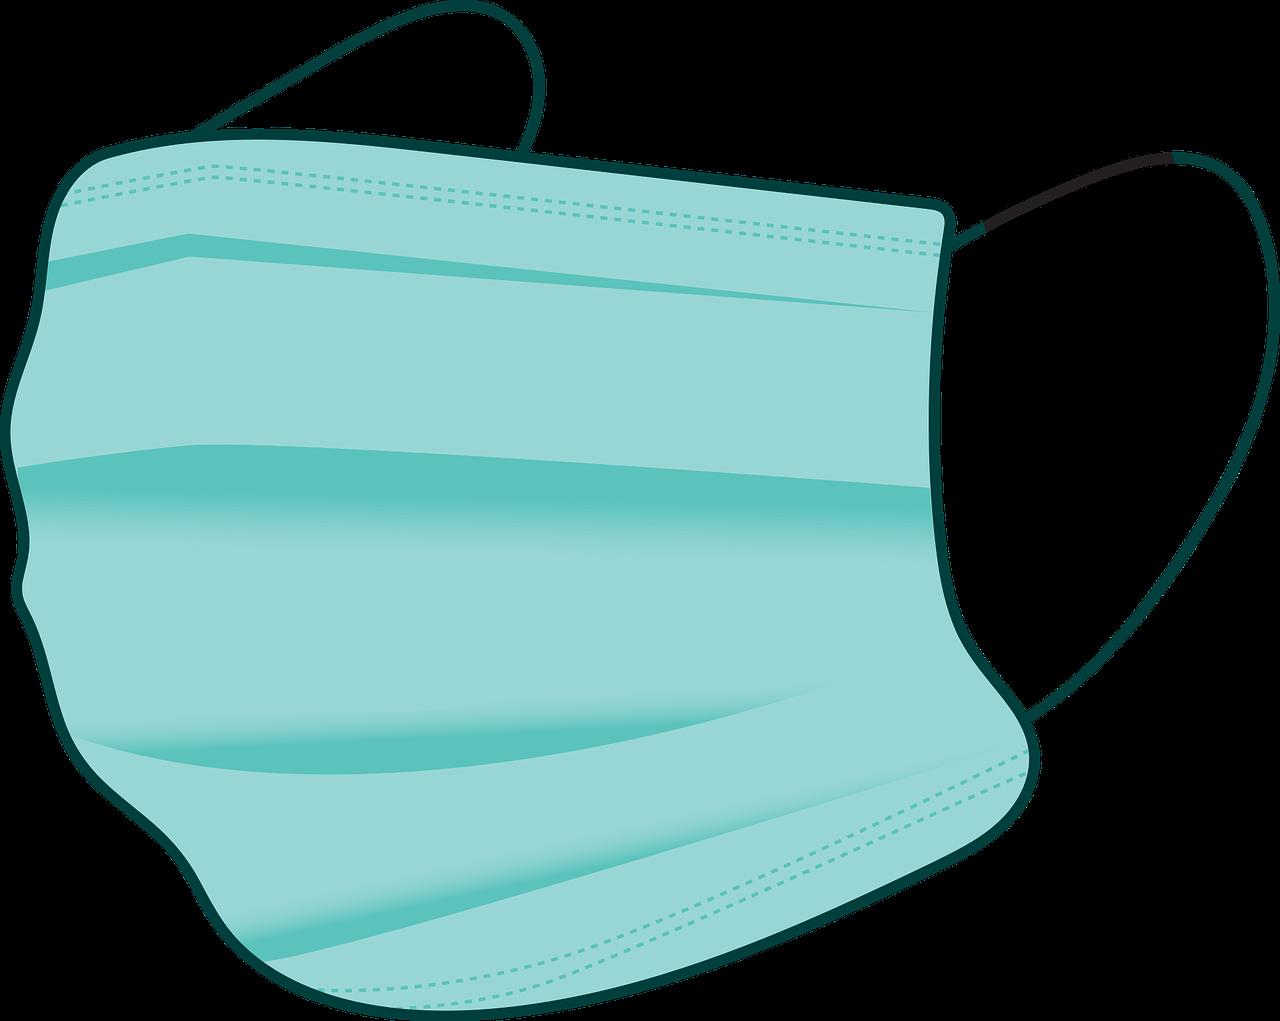 Venetico: a partire da domani la consegna a domicilio delle mascherine di protezione